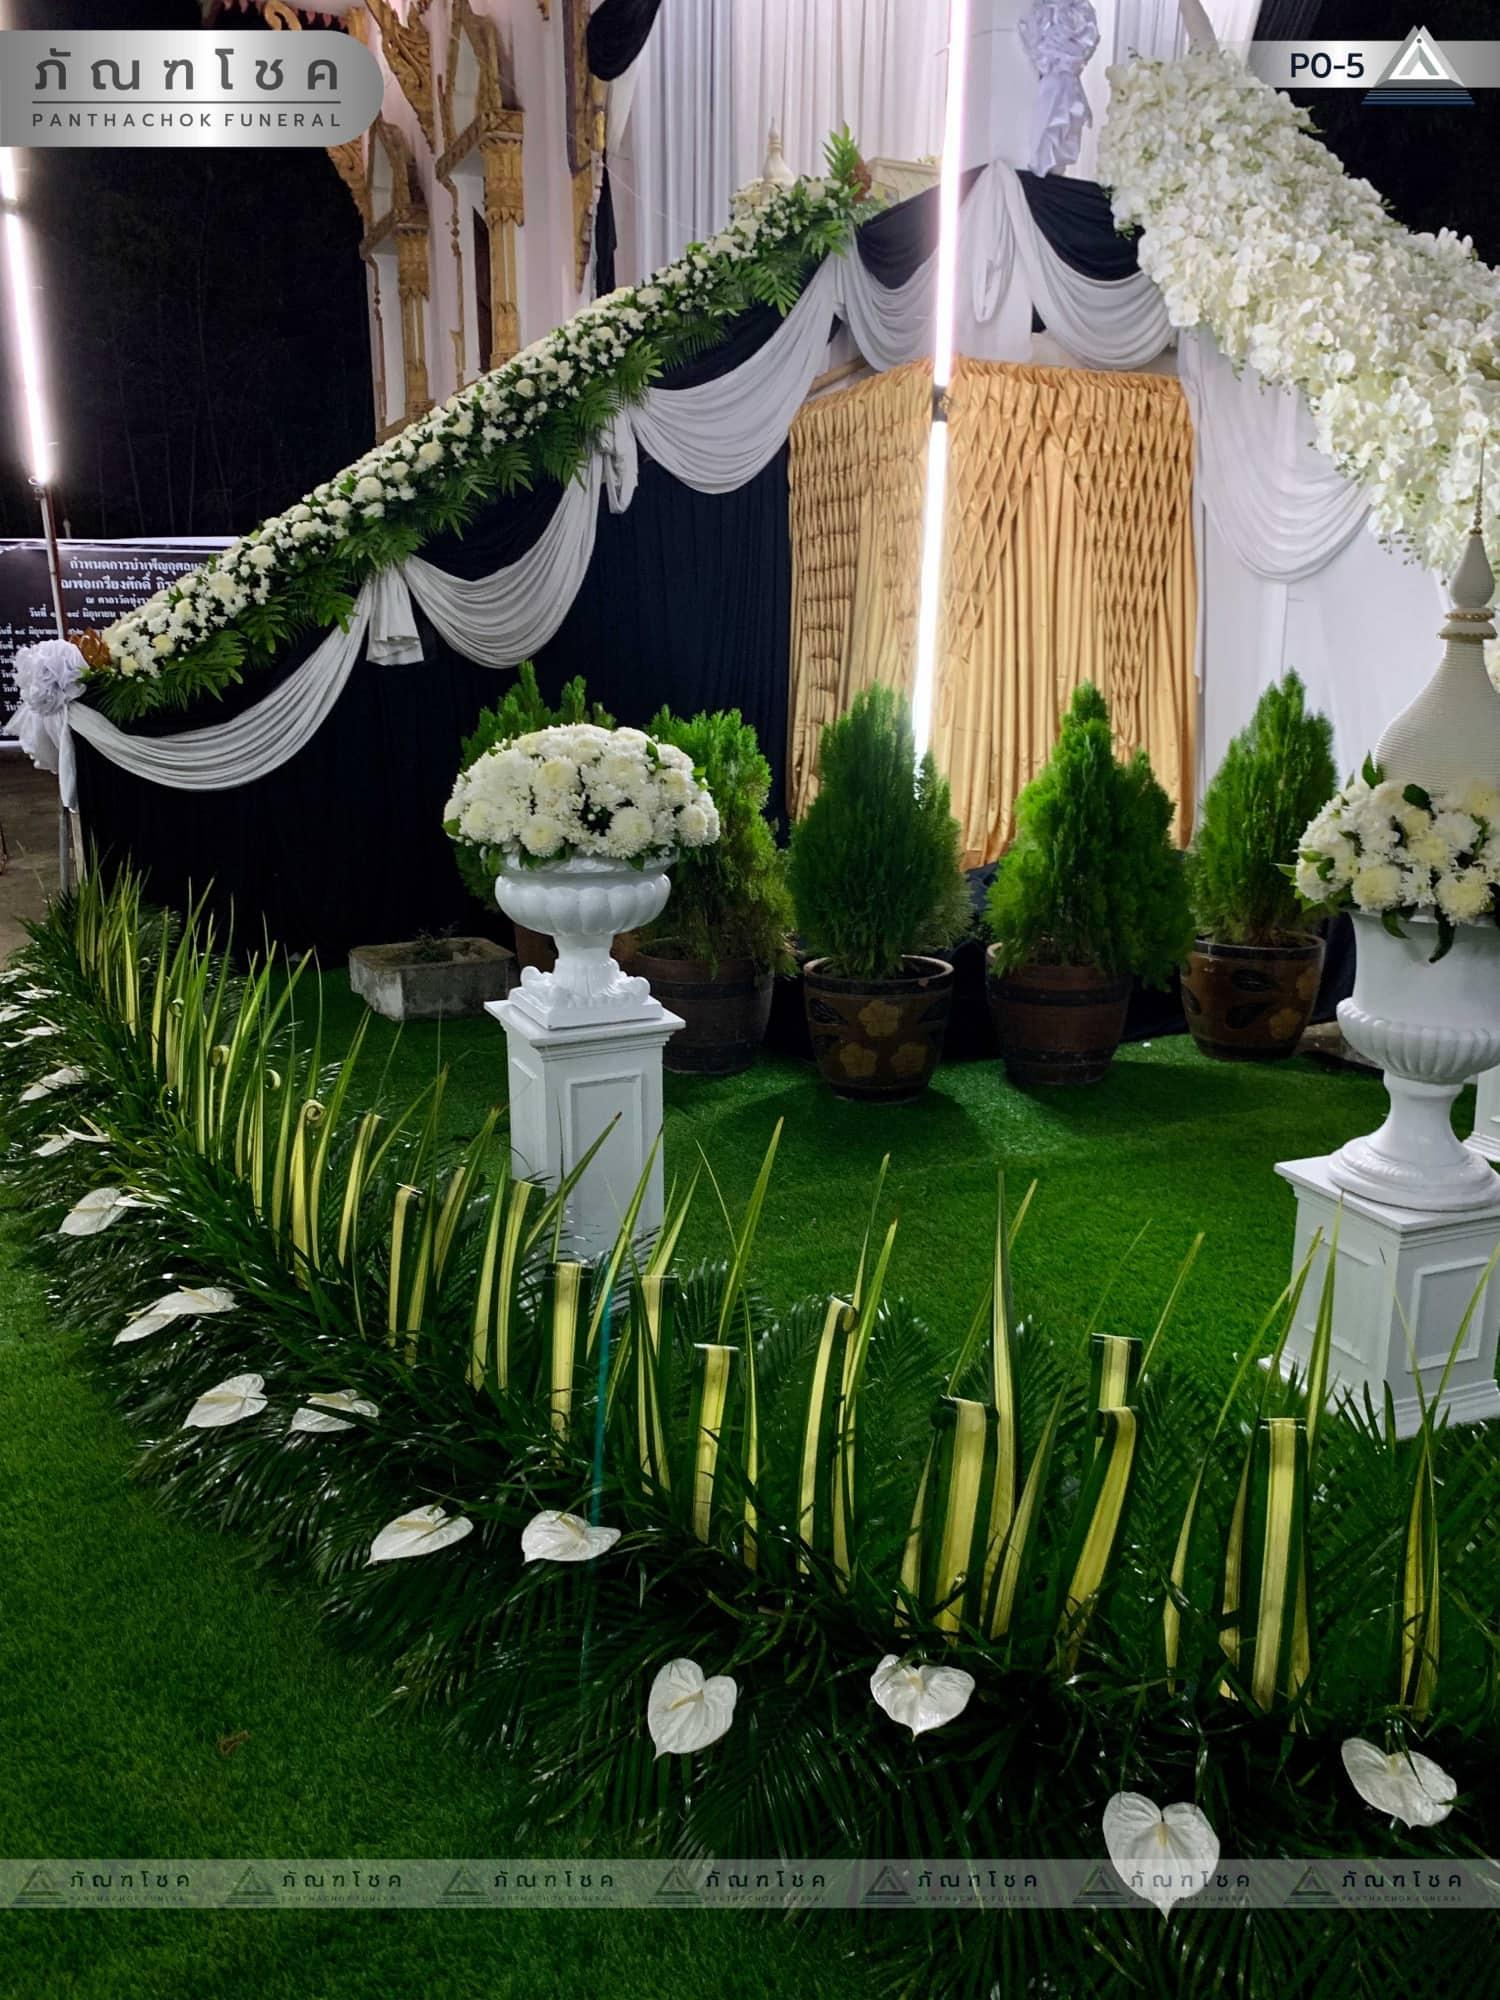 ดอกไม้ประดับเมรุ ชุด P0-5 226